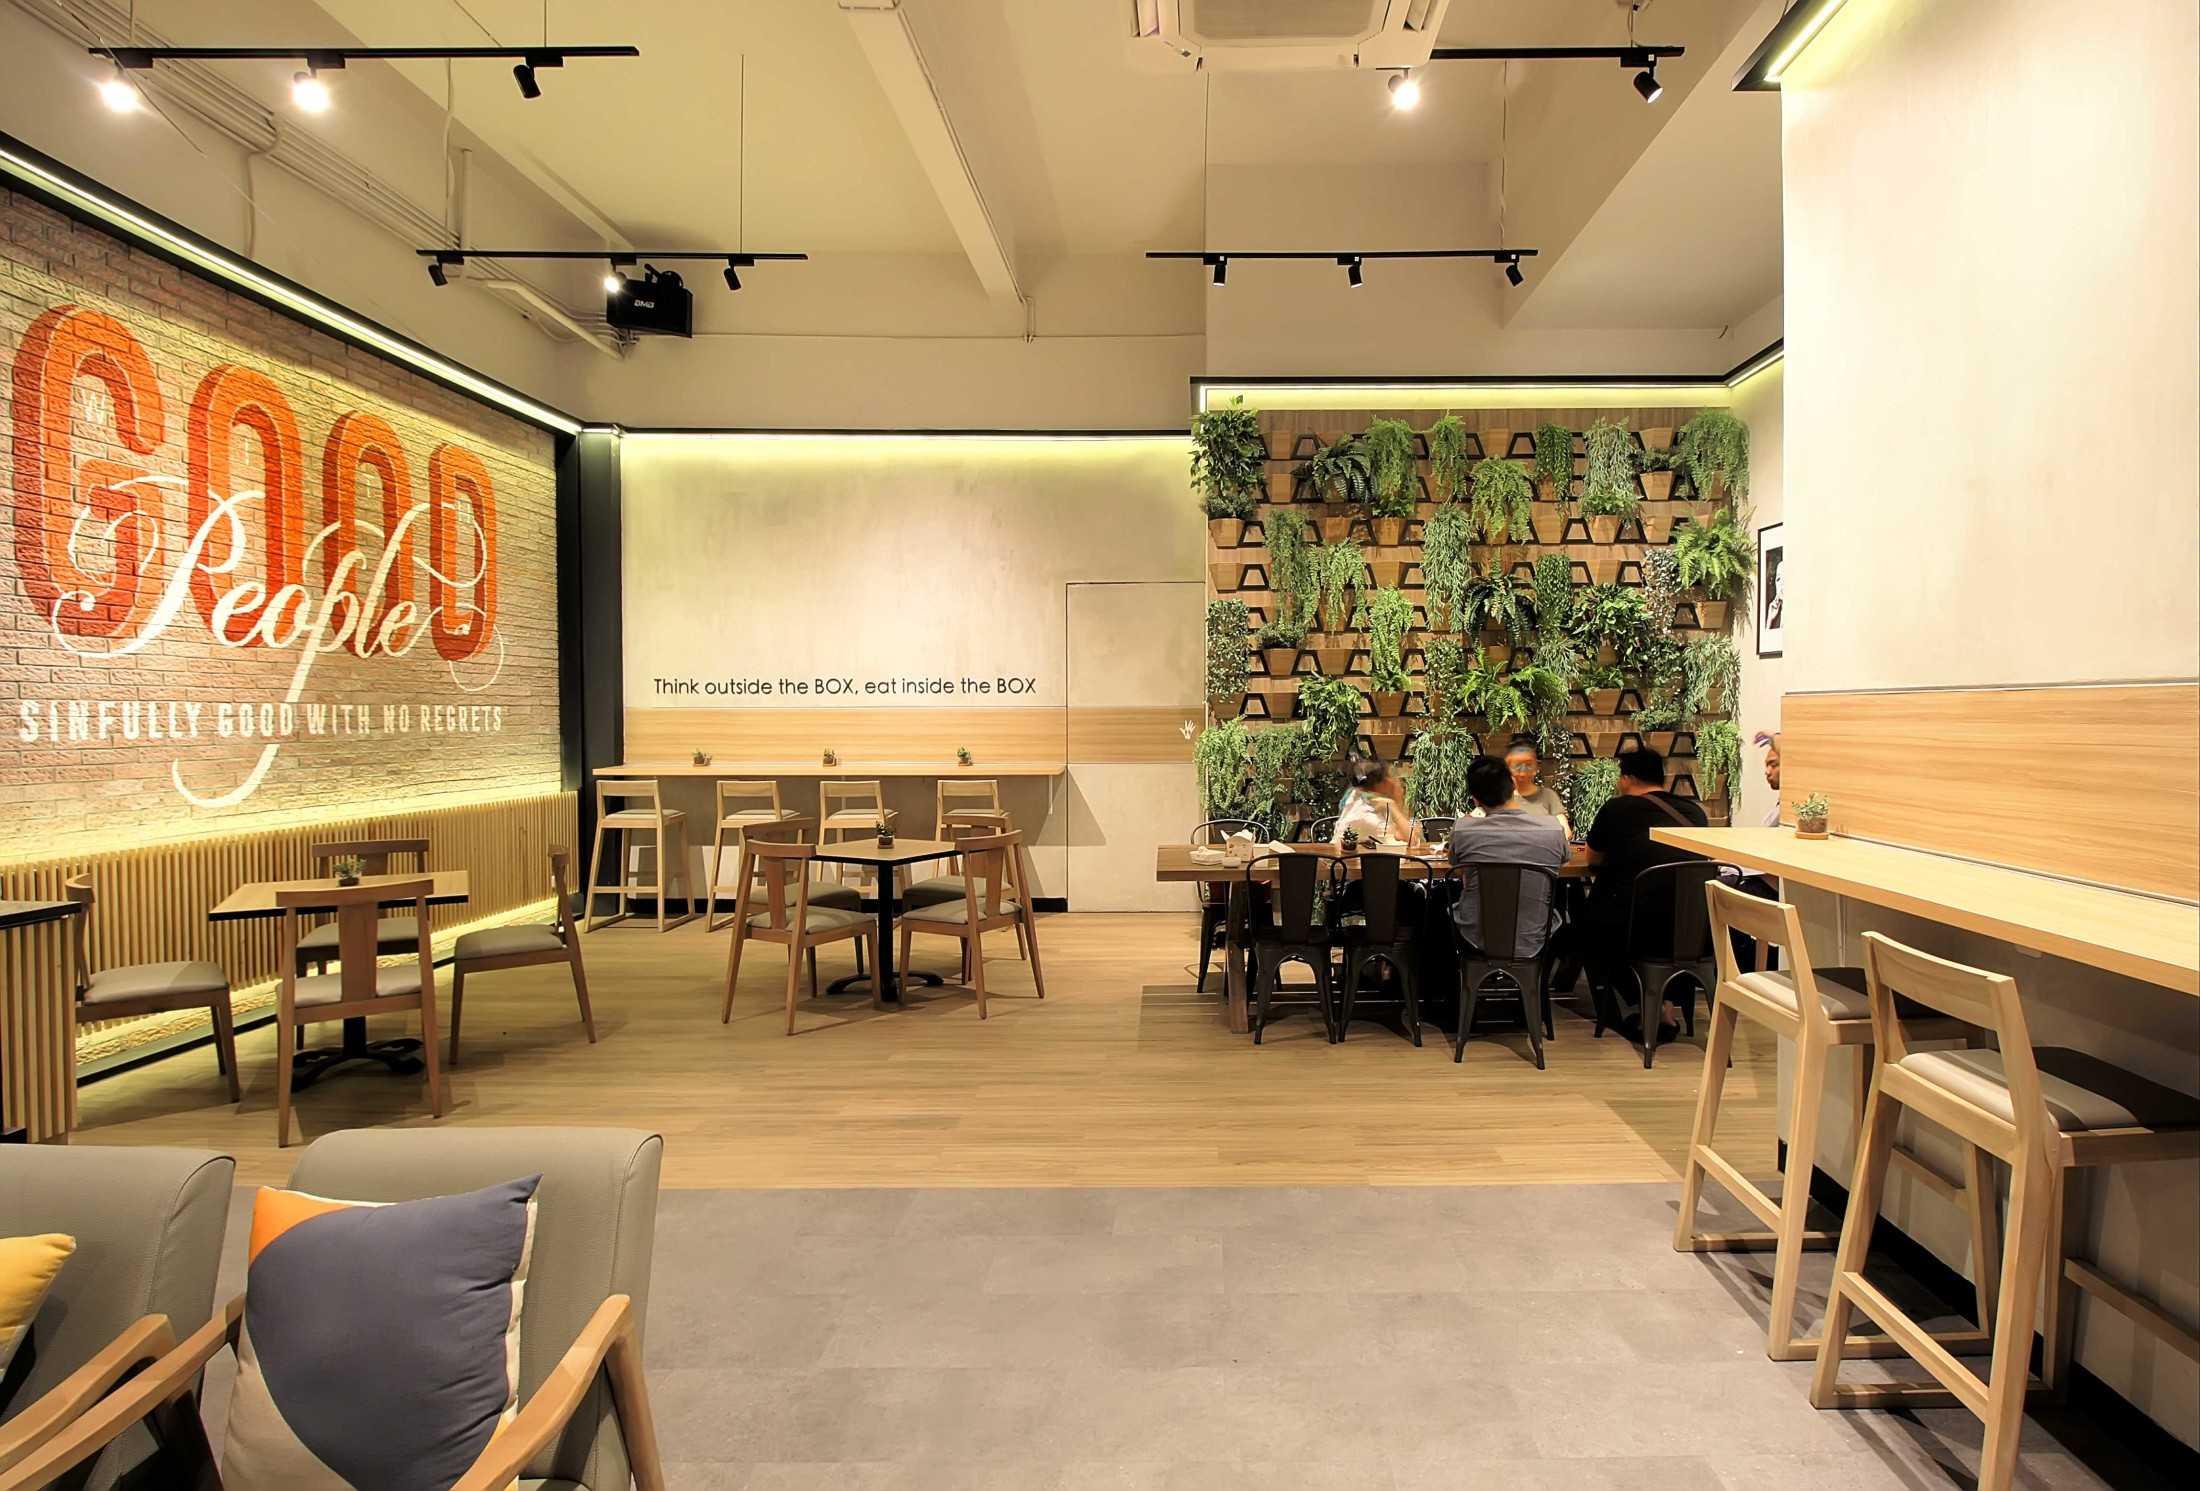 Design N Aesthetics Studio Daily Box Pluit Pluit, Penjaringan, Kota Jkt Utara, Daerah Khusus Ibukota Jakarta, Indonesia Pluit, Penjaringan, Kota Jkt Utara, Daerah Khusus Ibukota Jakarta, Indonesia Design-N-Aesthetics-Studio-Daily-Box-Pluit  66206